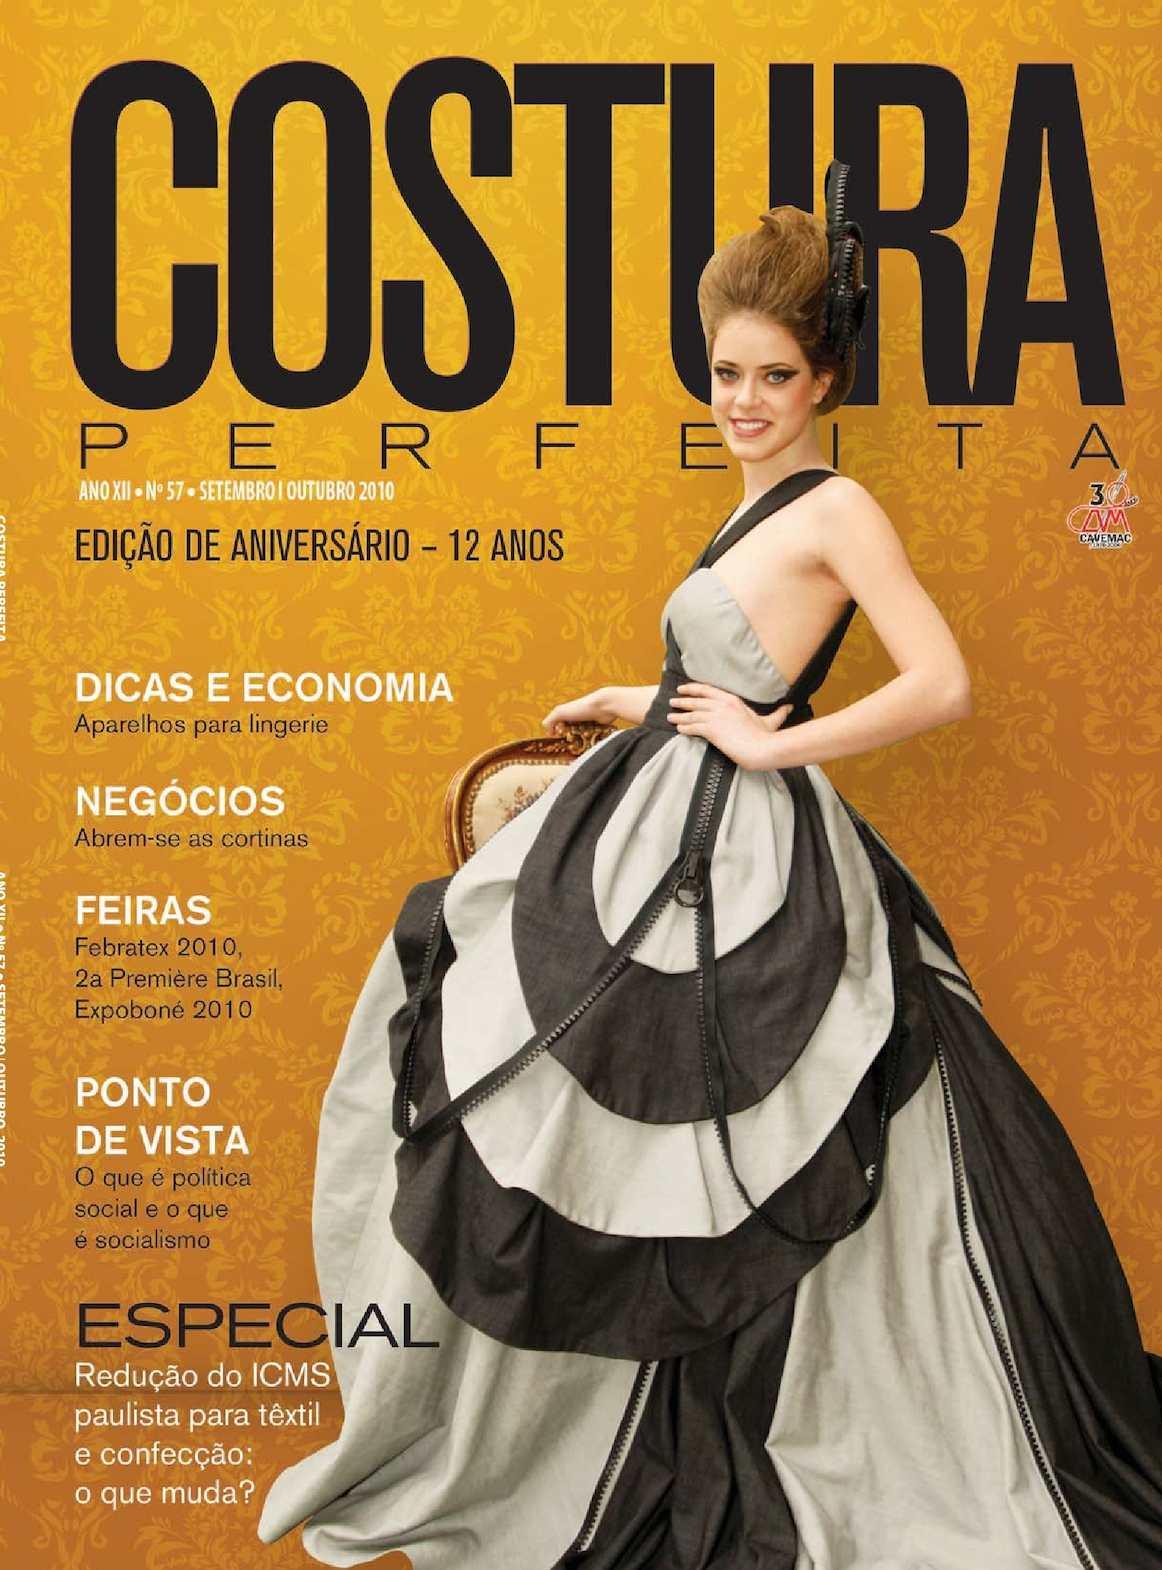 25f3c177f Calaméo - Revista Costura Perfeita Edição Ano XII - N57 - Setembro-Outubro  2010